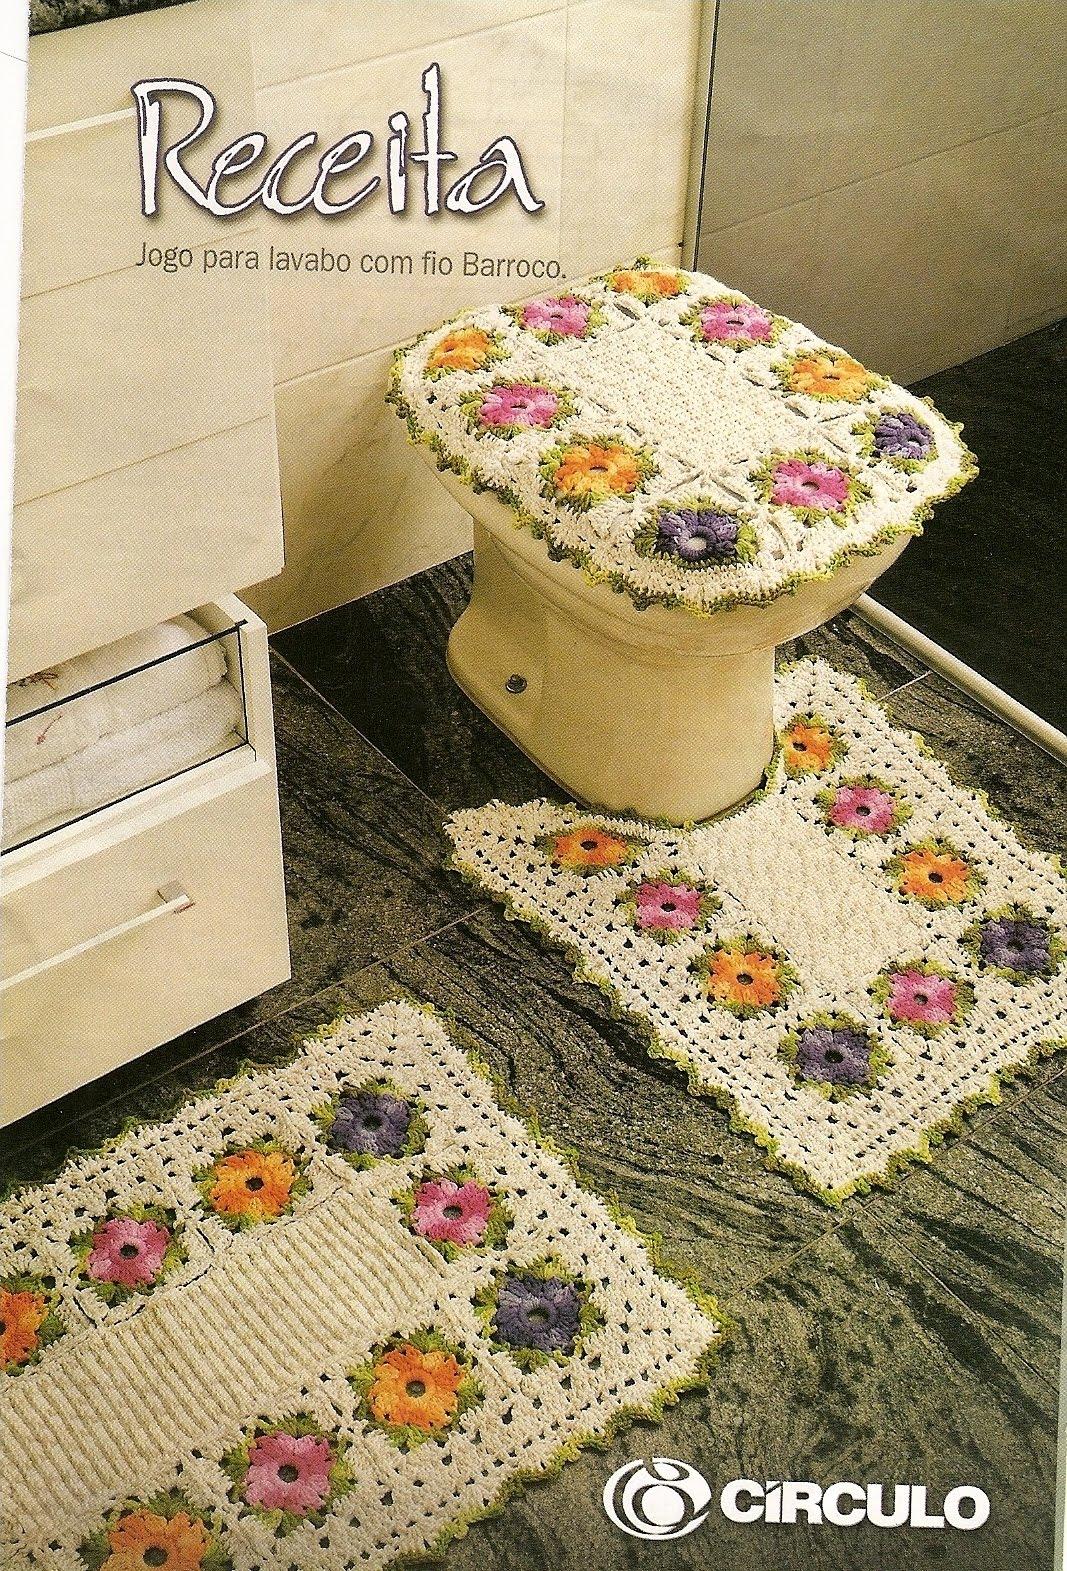 Jogo de Banheiro: crochê de flores